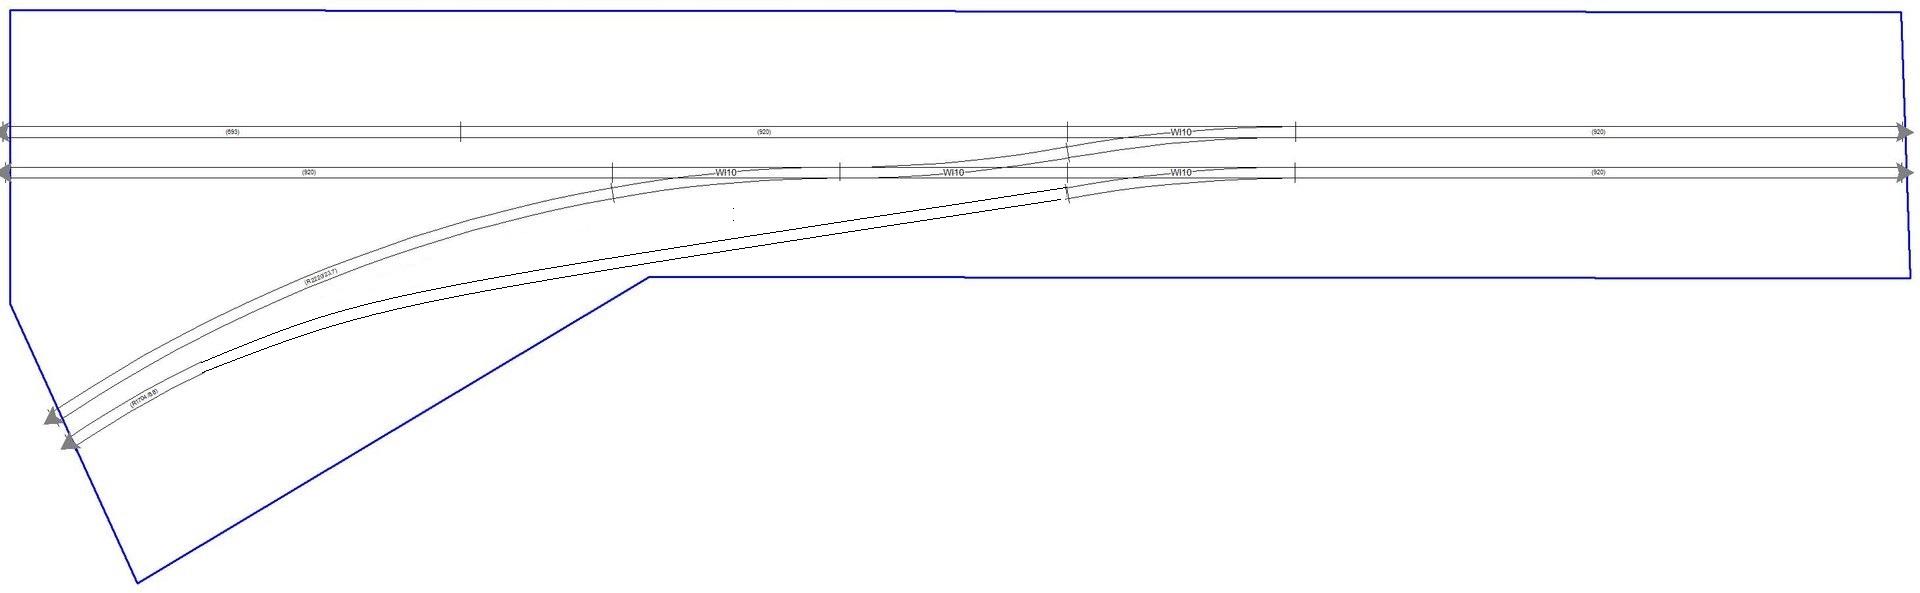 rozjazdy 2.jpg